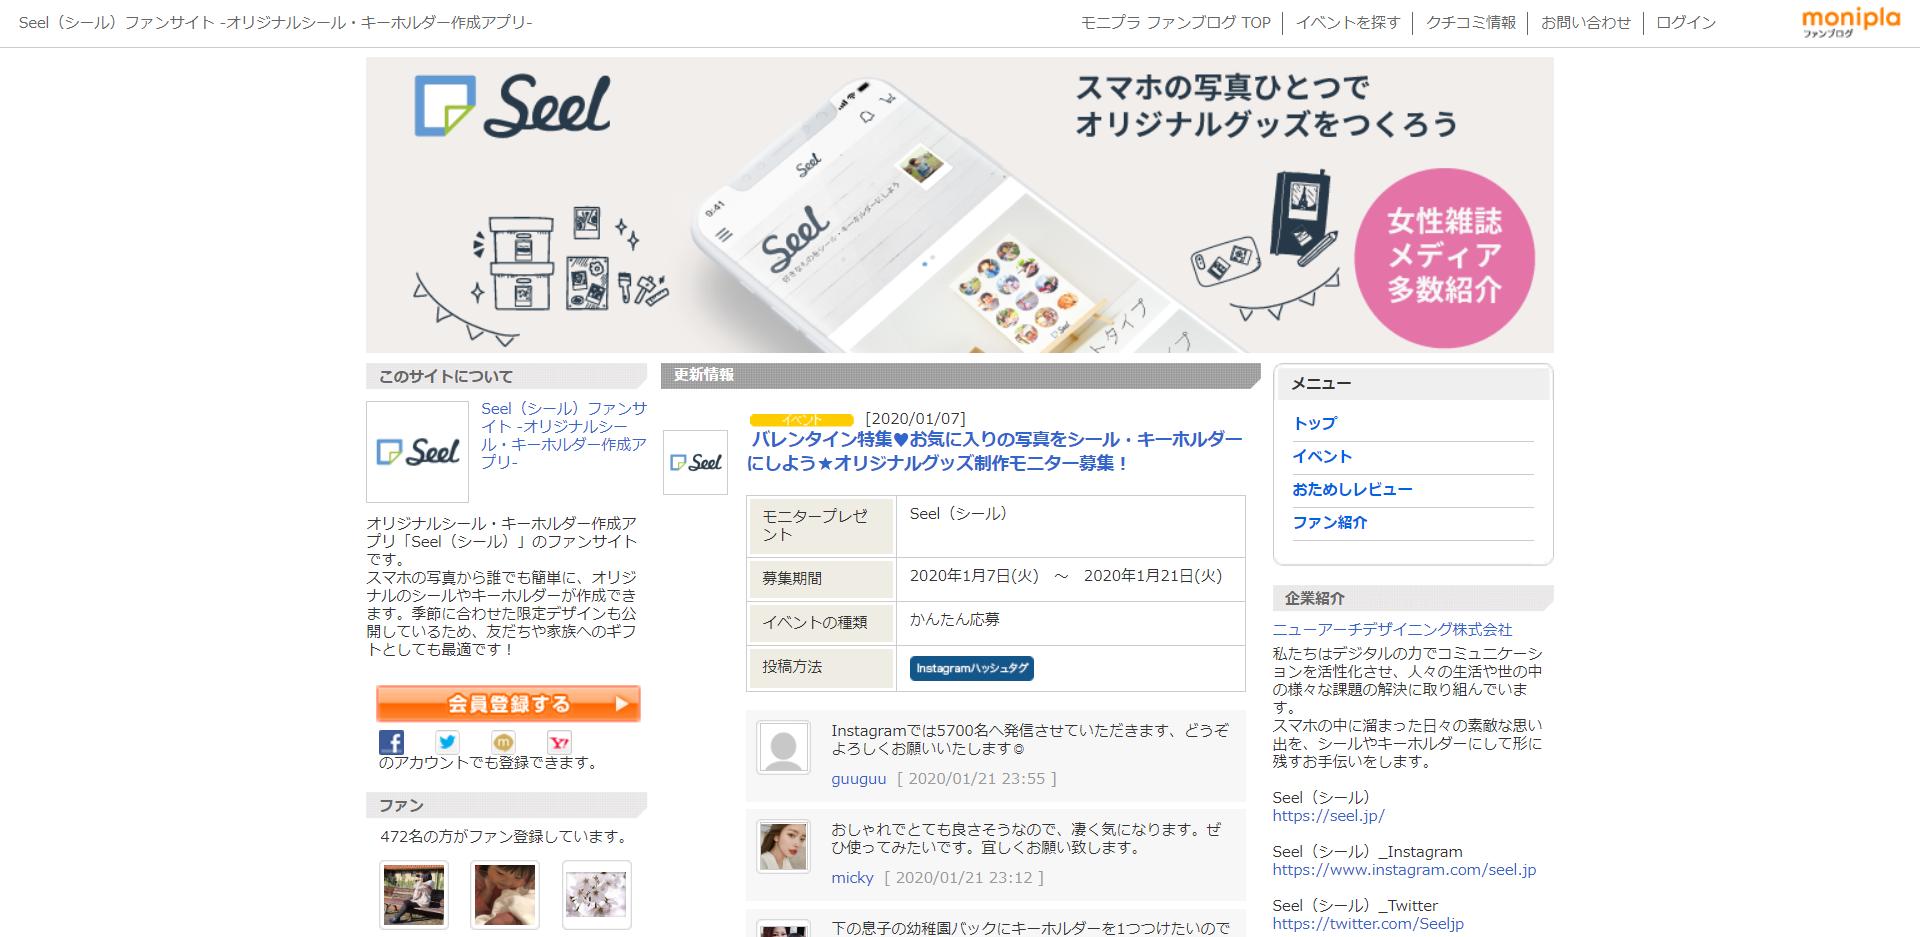 モニプラファンブログ Seel ファンサイト